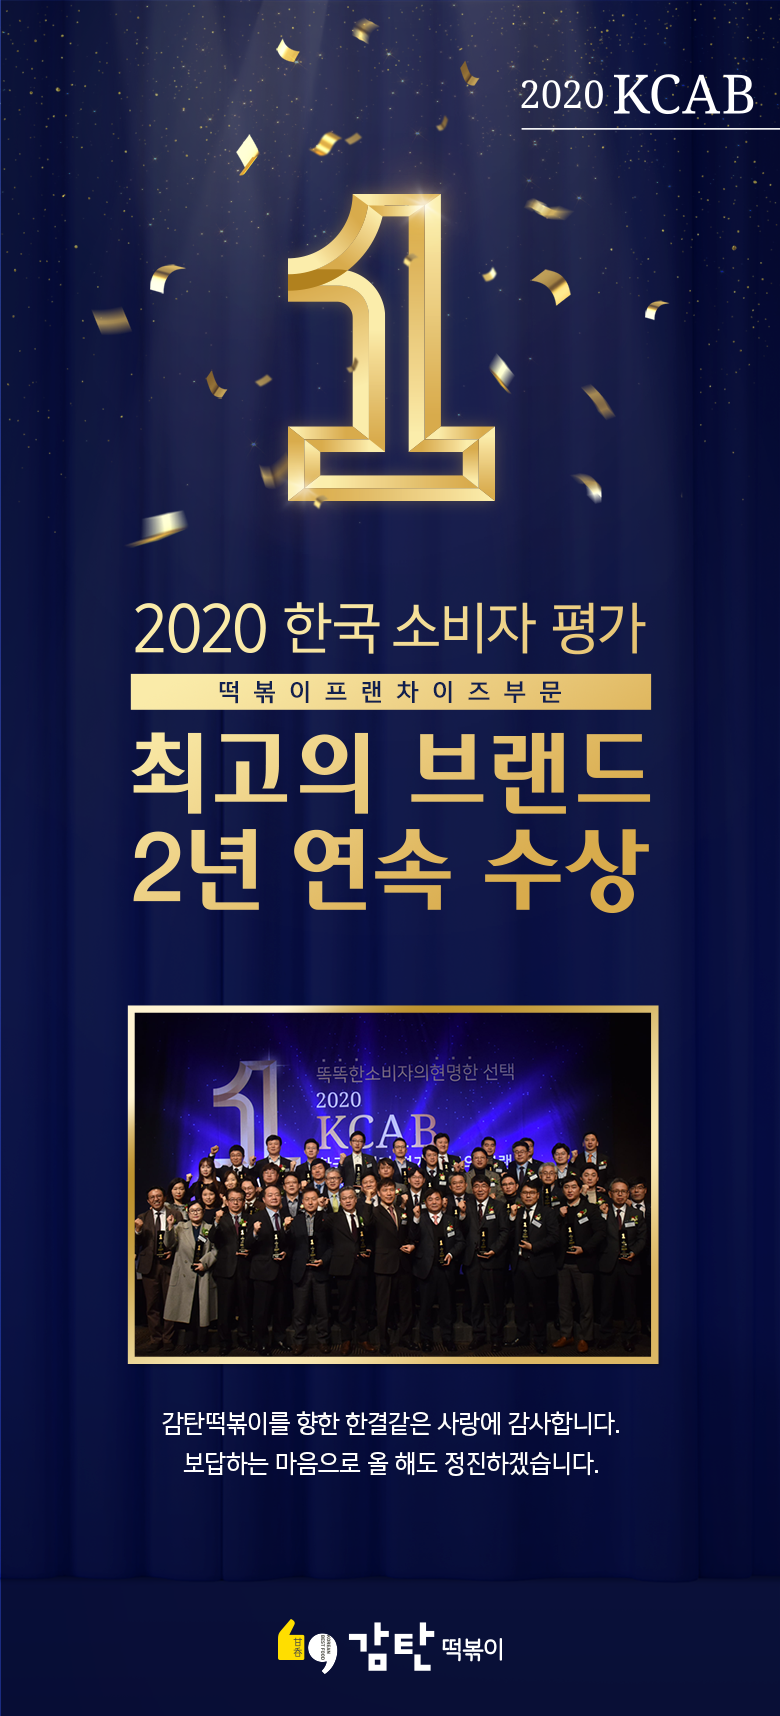 2020 한국 소비자 평가 떡볶이 프랜차이즈 부문 최고의 브랜드 2년 연속 수상 감탄떡볶이를 향한 한결같은 사랑에 감사합니다. 보답하는 마음으로 올 해도 정진하겠습니다.